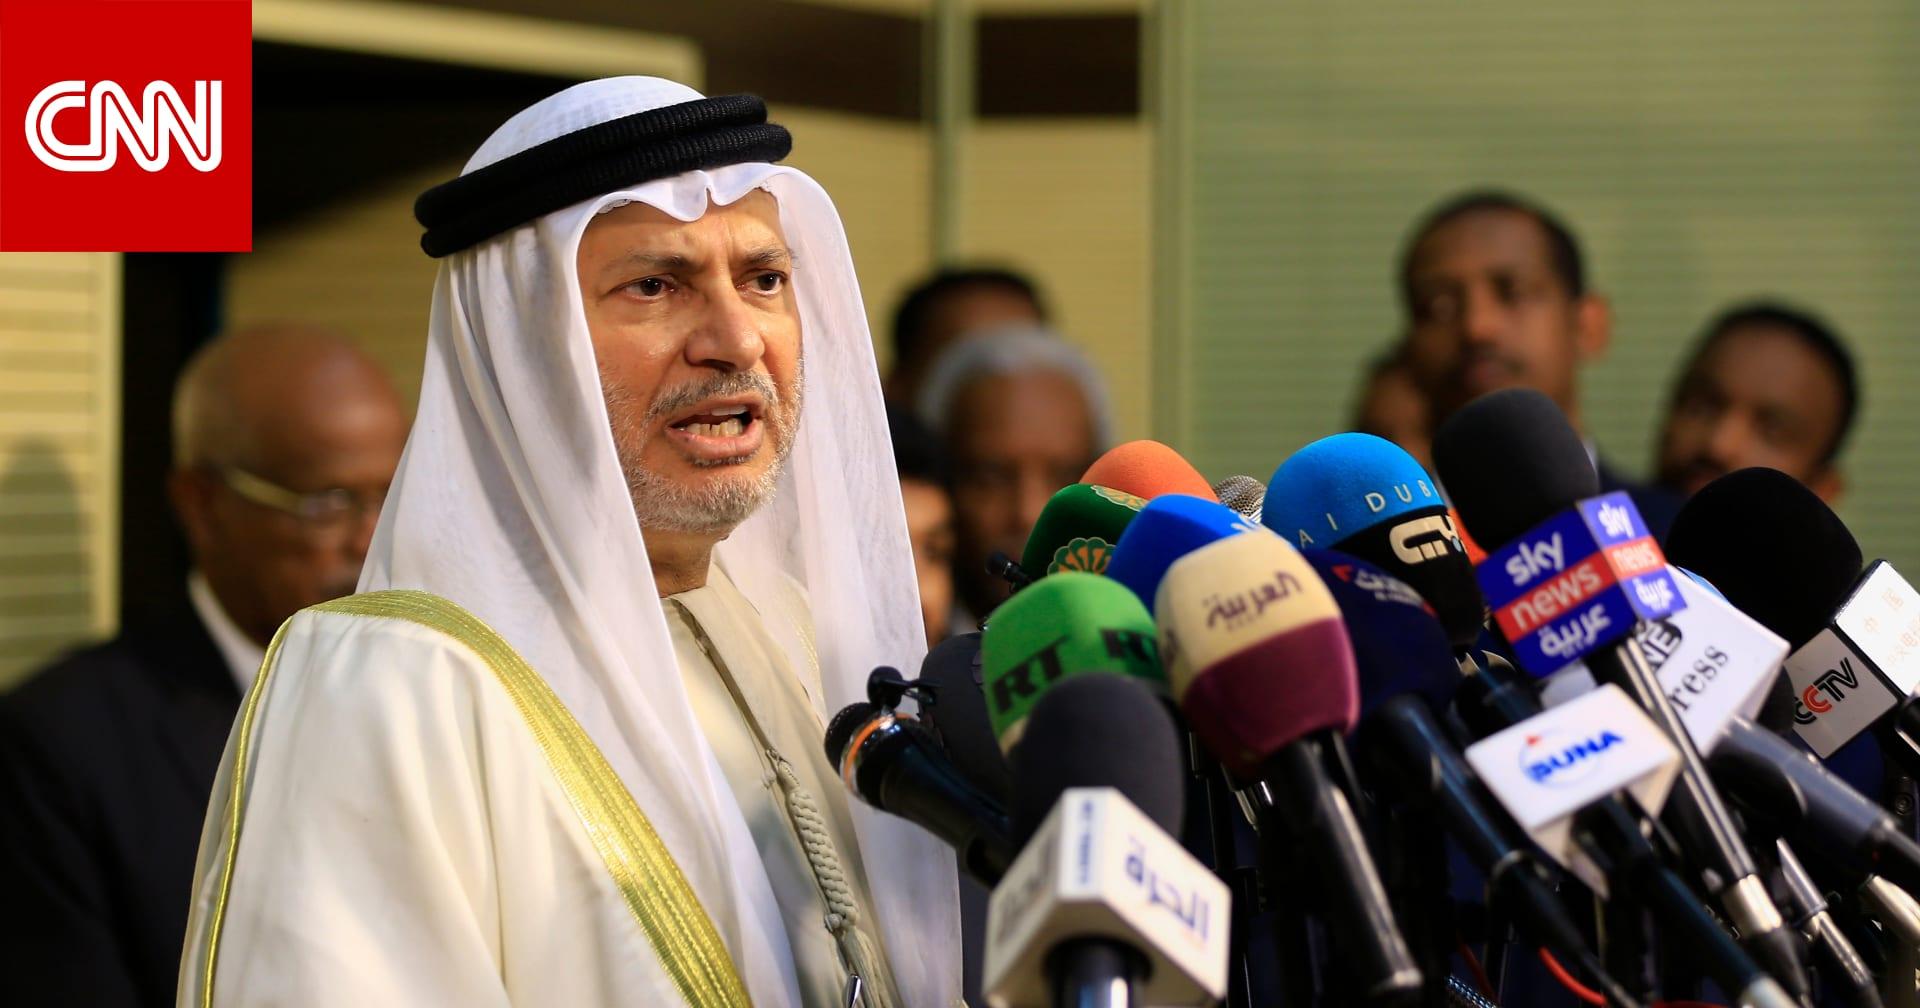 """قرقاش: نفتح """"صفحة جديدة"""" من أجل خليج عربي مستقر ومزدهر"""